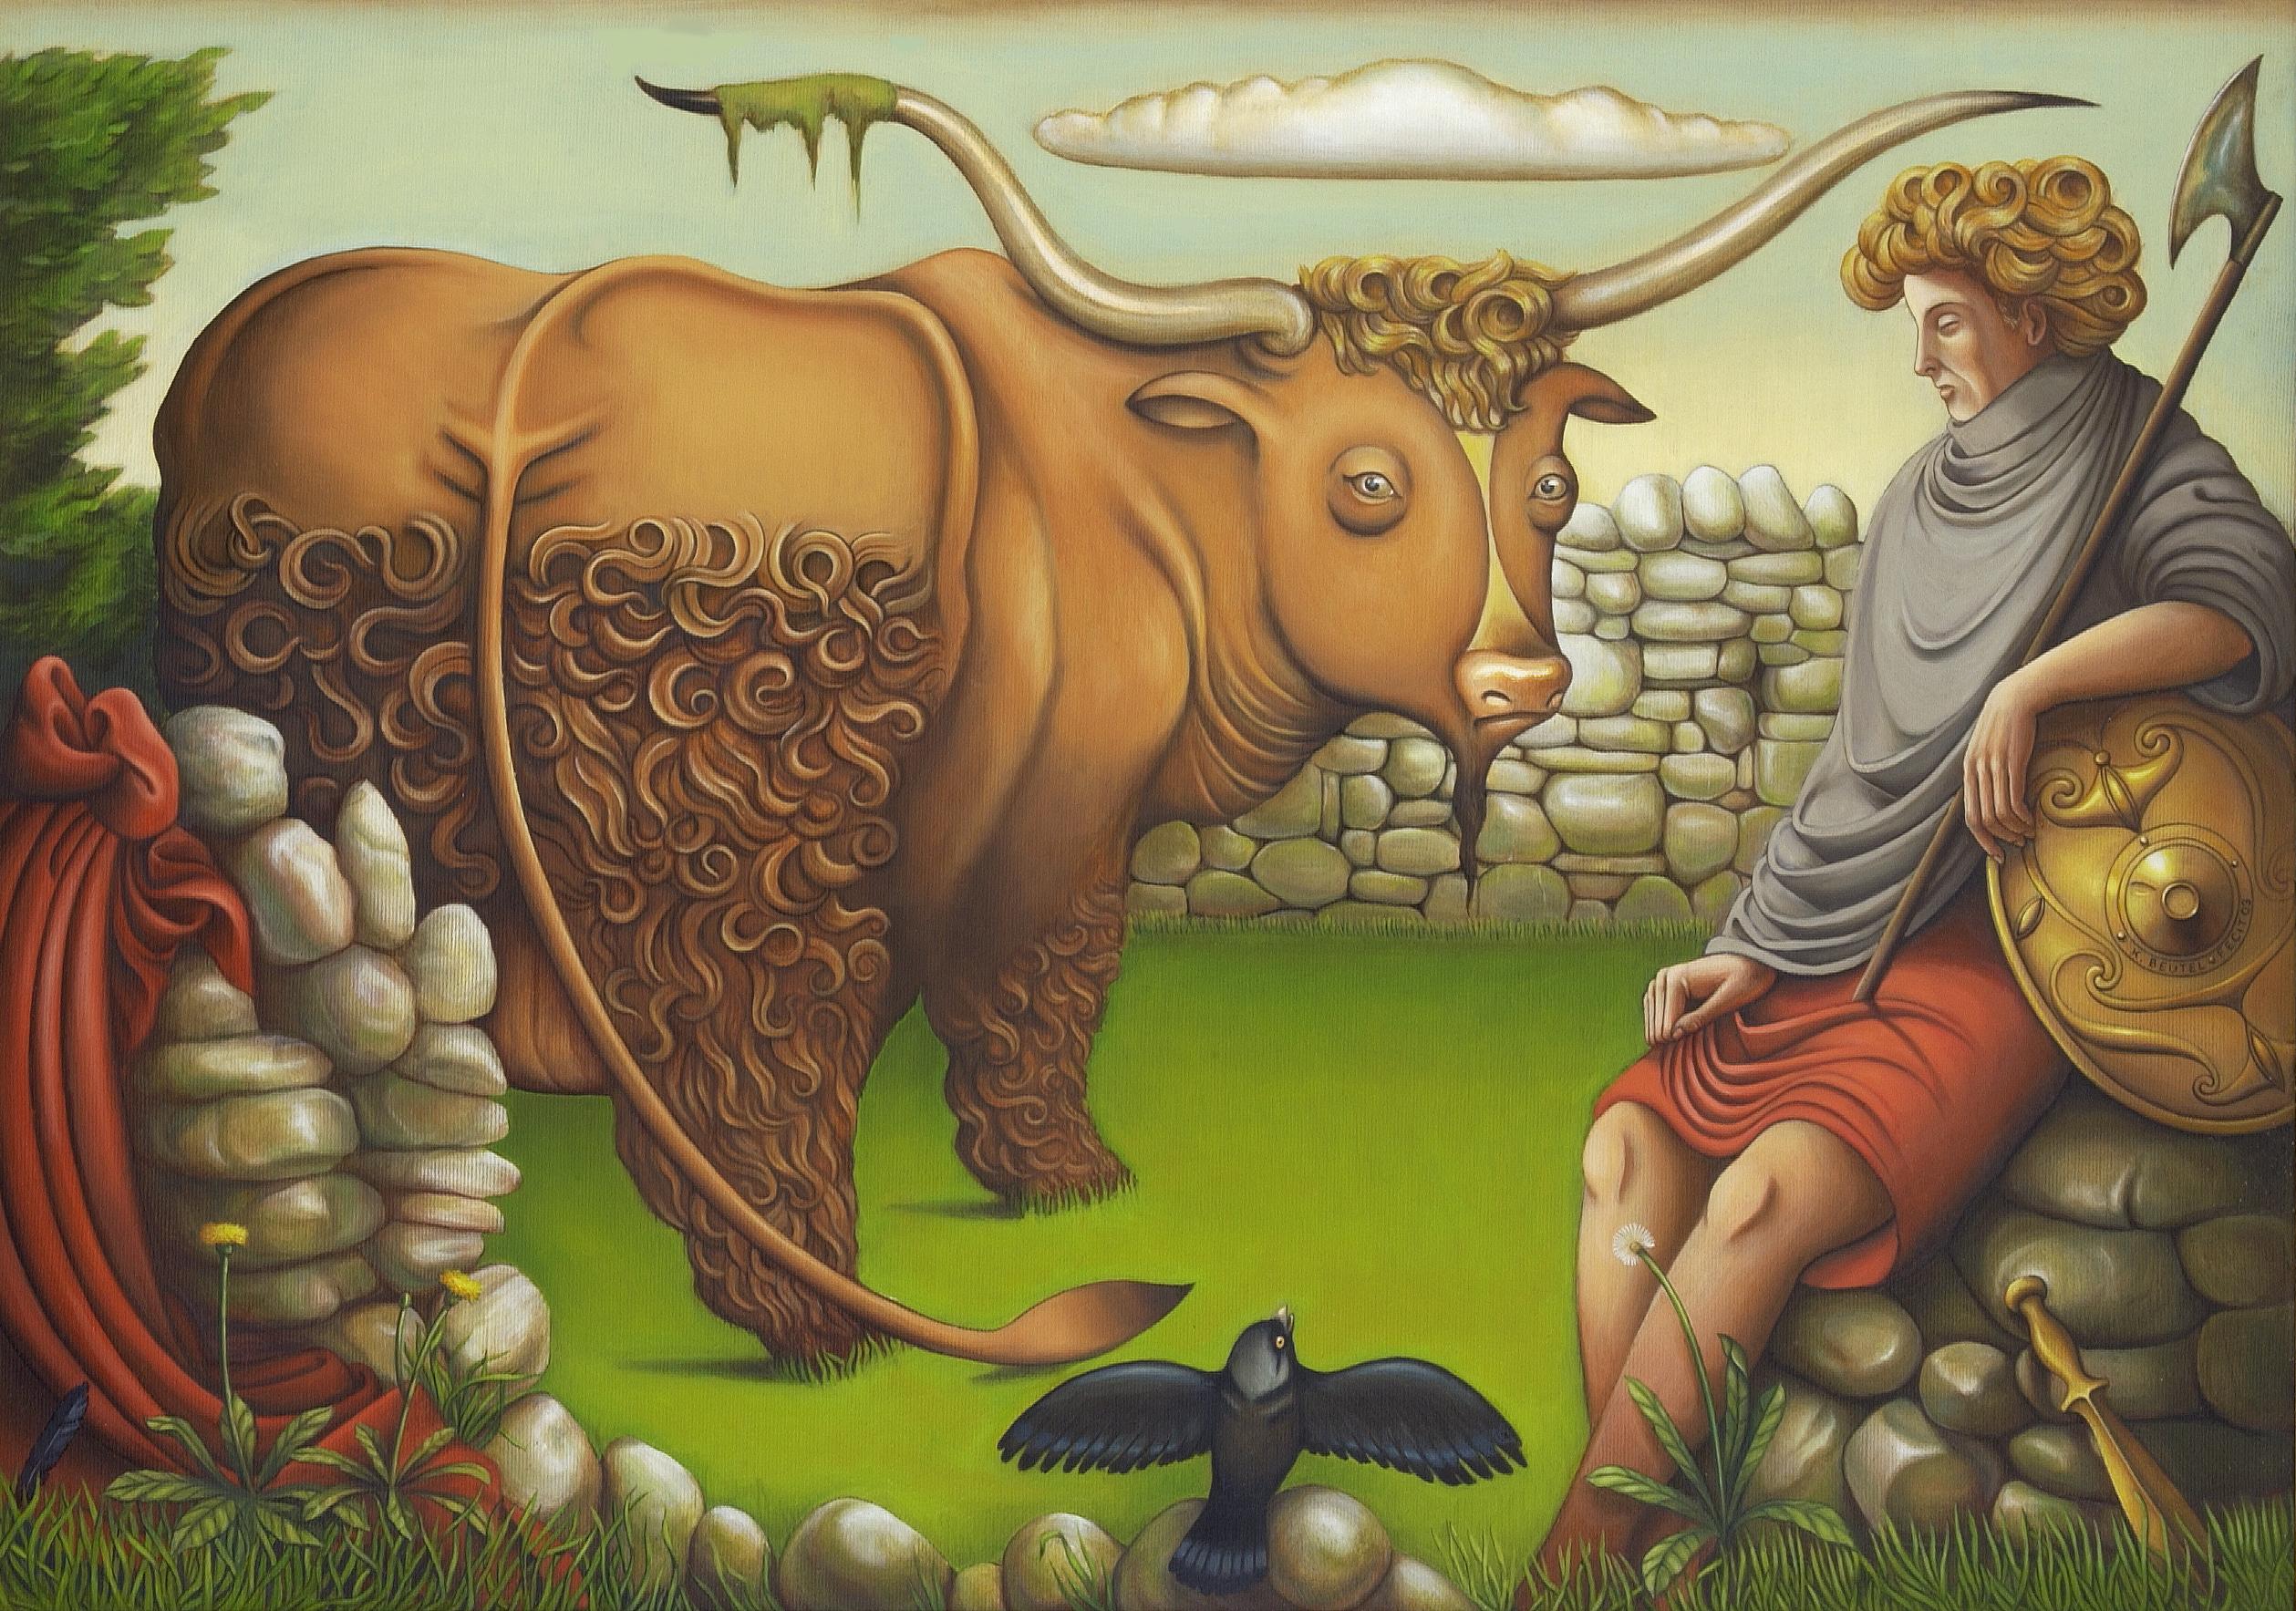 1/3/19 – Viaggio virtuale in Irlanda alla ricerca di eroi antichi e moderni